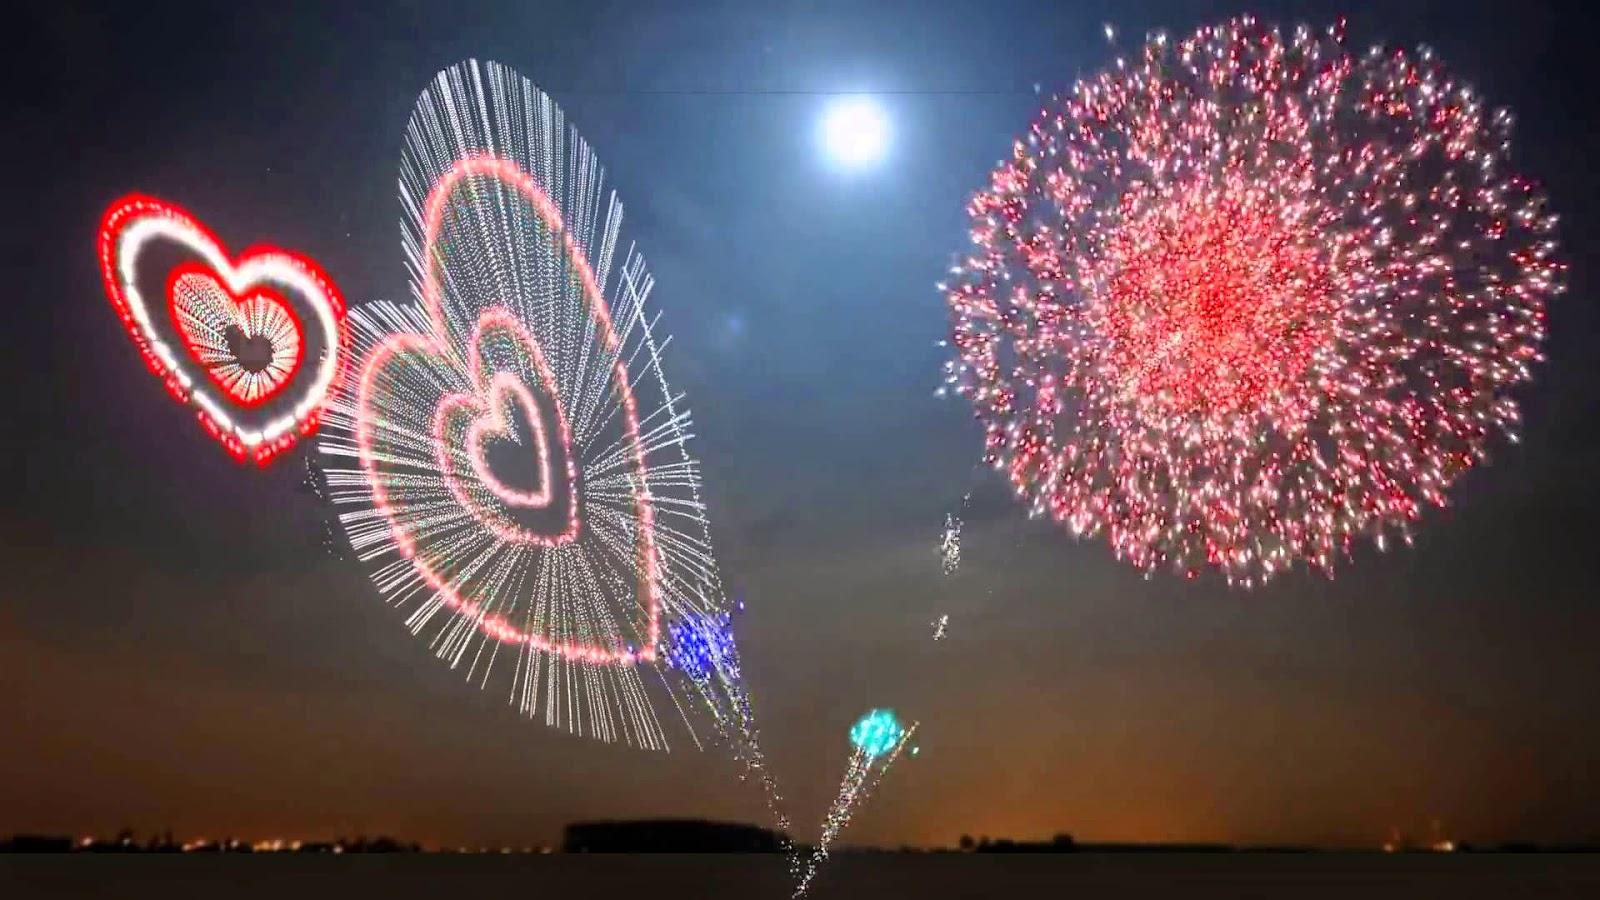 xem hình bắn pháo hoa cực đẹp